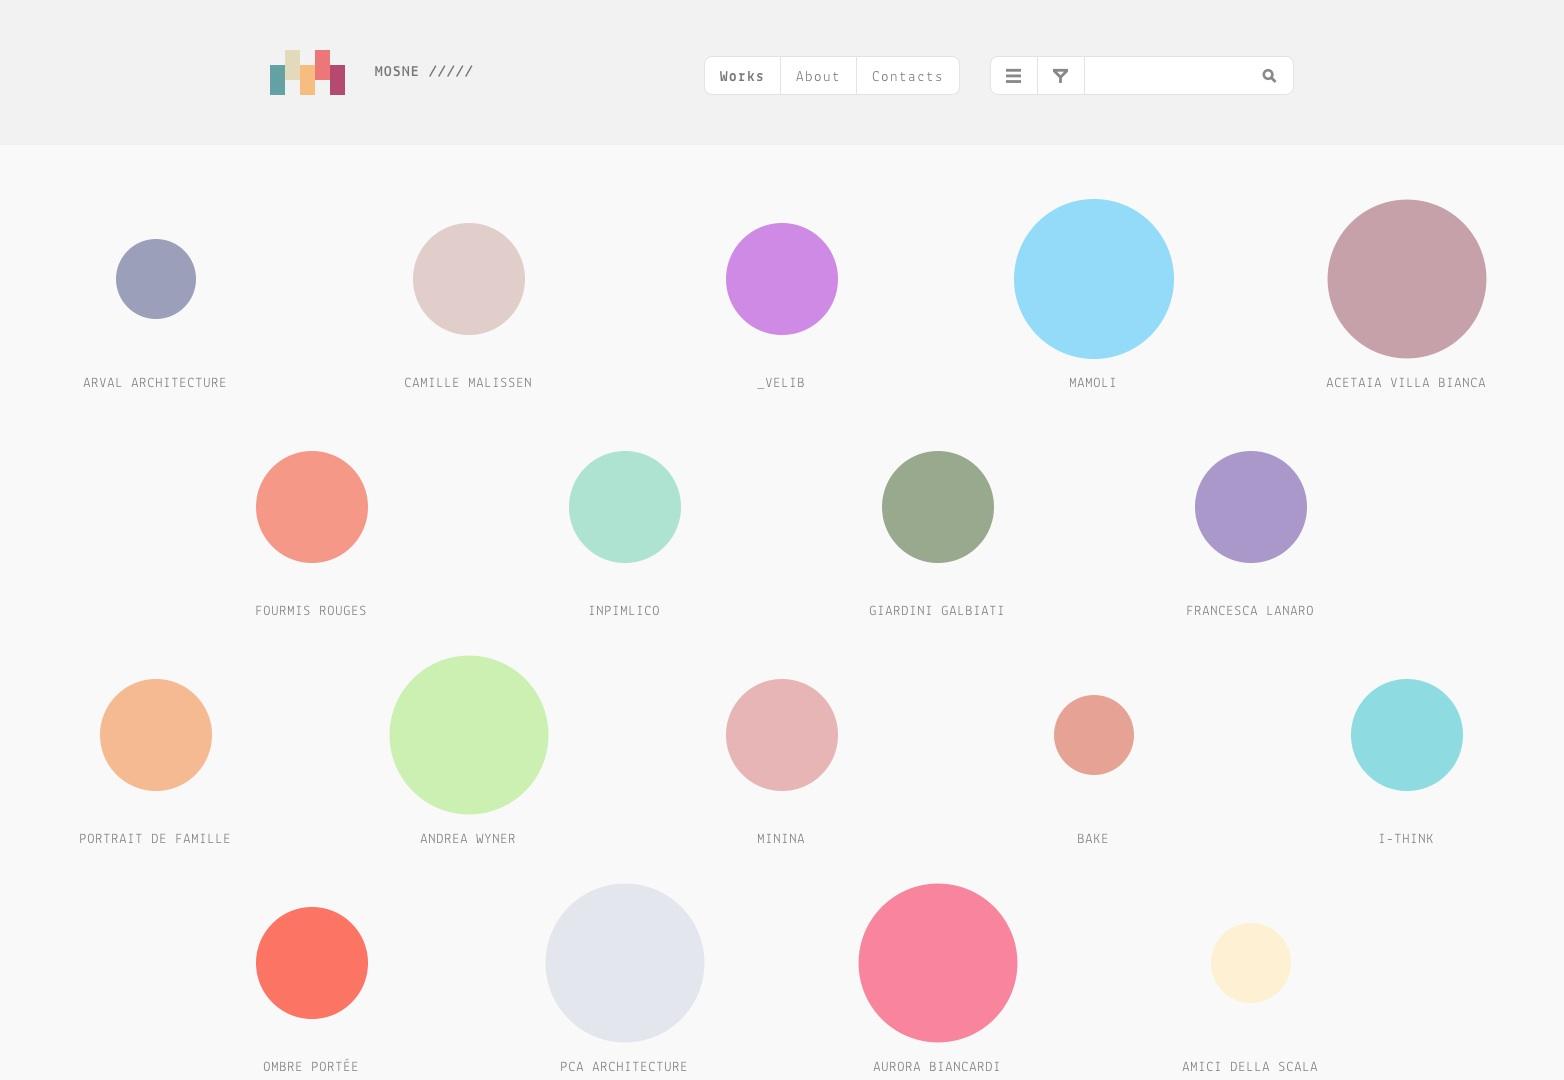 Mosne / Diseño gráfico y web